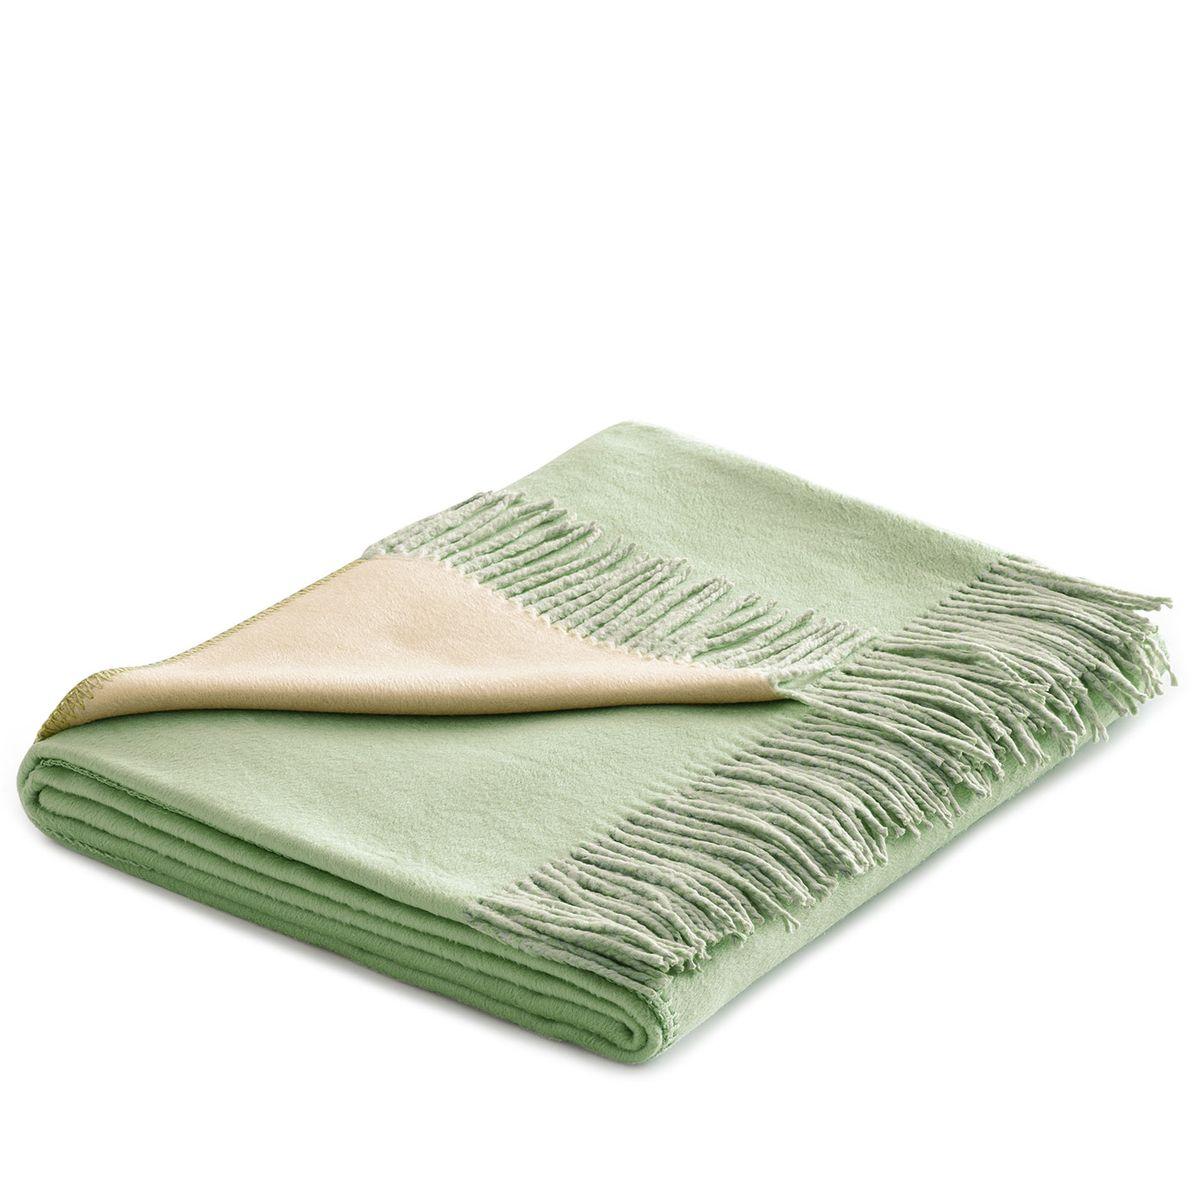 Плед Togas Хлопок-Шелк, цвет: бежевый, зеленый, 140 х 180 см12245Утонченный плед Togas Хлопок-Шелк - это высшая роскошь и настоящее наслаждение. Нежное, скользящее прикосновение этой божественной ткани наполняет блаженством и легкостью. Необычный дизайн позволяет в мгновение ока трансформировать пространство вашей спальни или гостиной: просто поверните плед стороной того цвета, который вам сейчас по душе, - и наслаждайтесь непринужденной грацией элегантно драпирующихся складок, ниспадающих шелковистым каскадом. Несмотря на удивительную тонкость и невесомость, плед из 75% шелка и 25% хлопка очень практичен и прост в уходе, а значит - прослужит вам долгие годы, став неотъемлемой частью вашего уюта и комфорта.